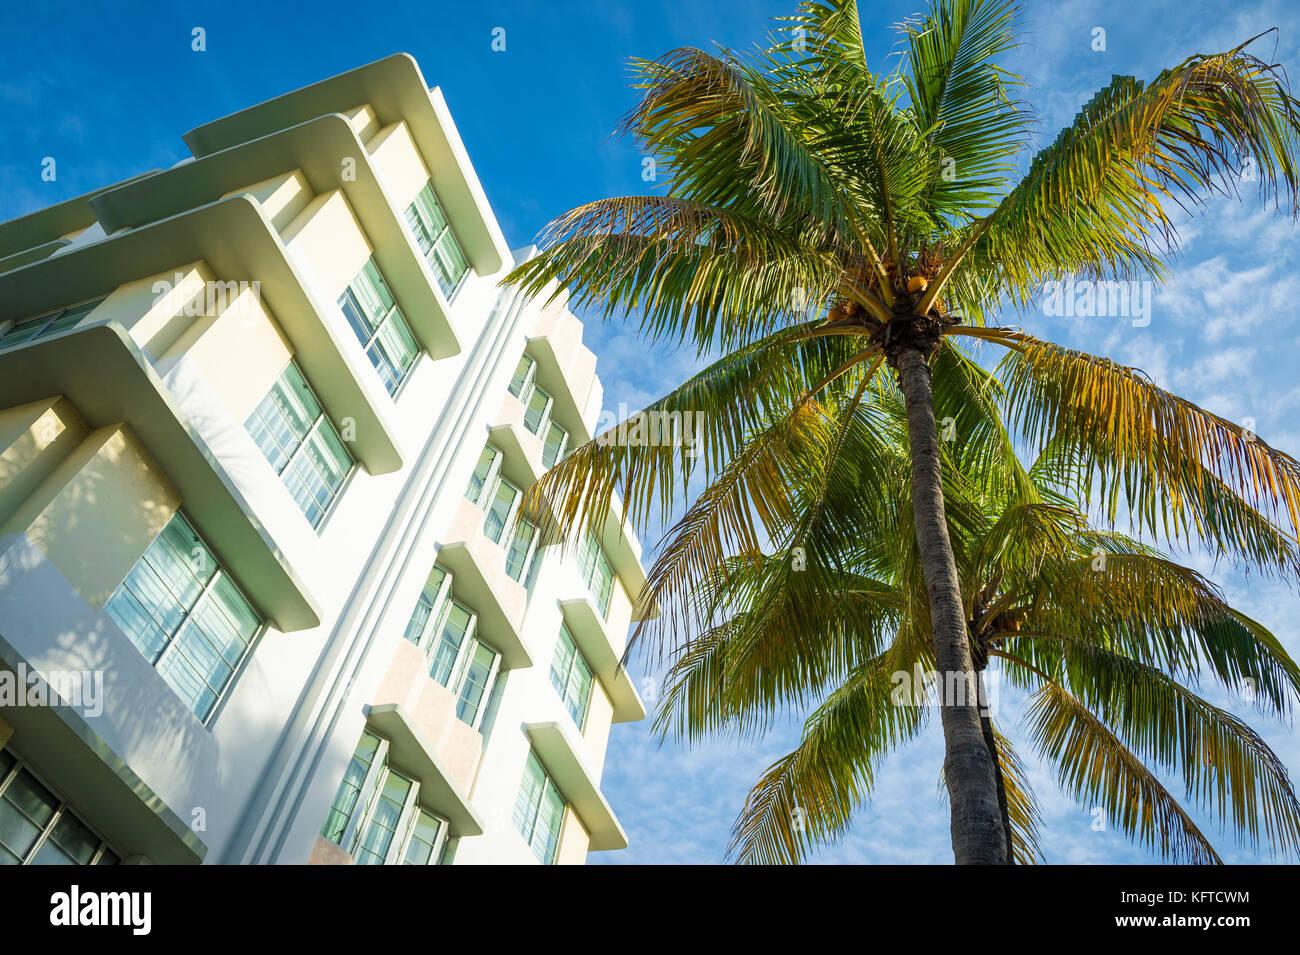 Classic 1930 art-deco era architettura e palme sulla ocean drive, miami beach. Immagini Stock